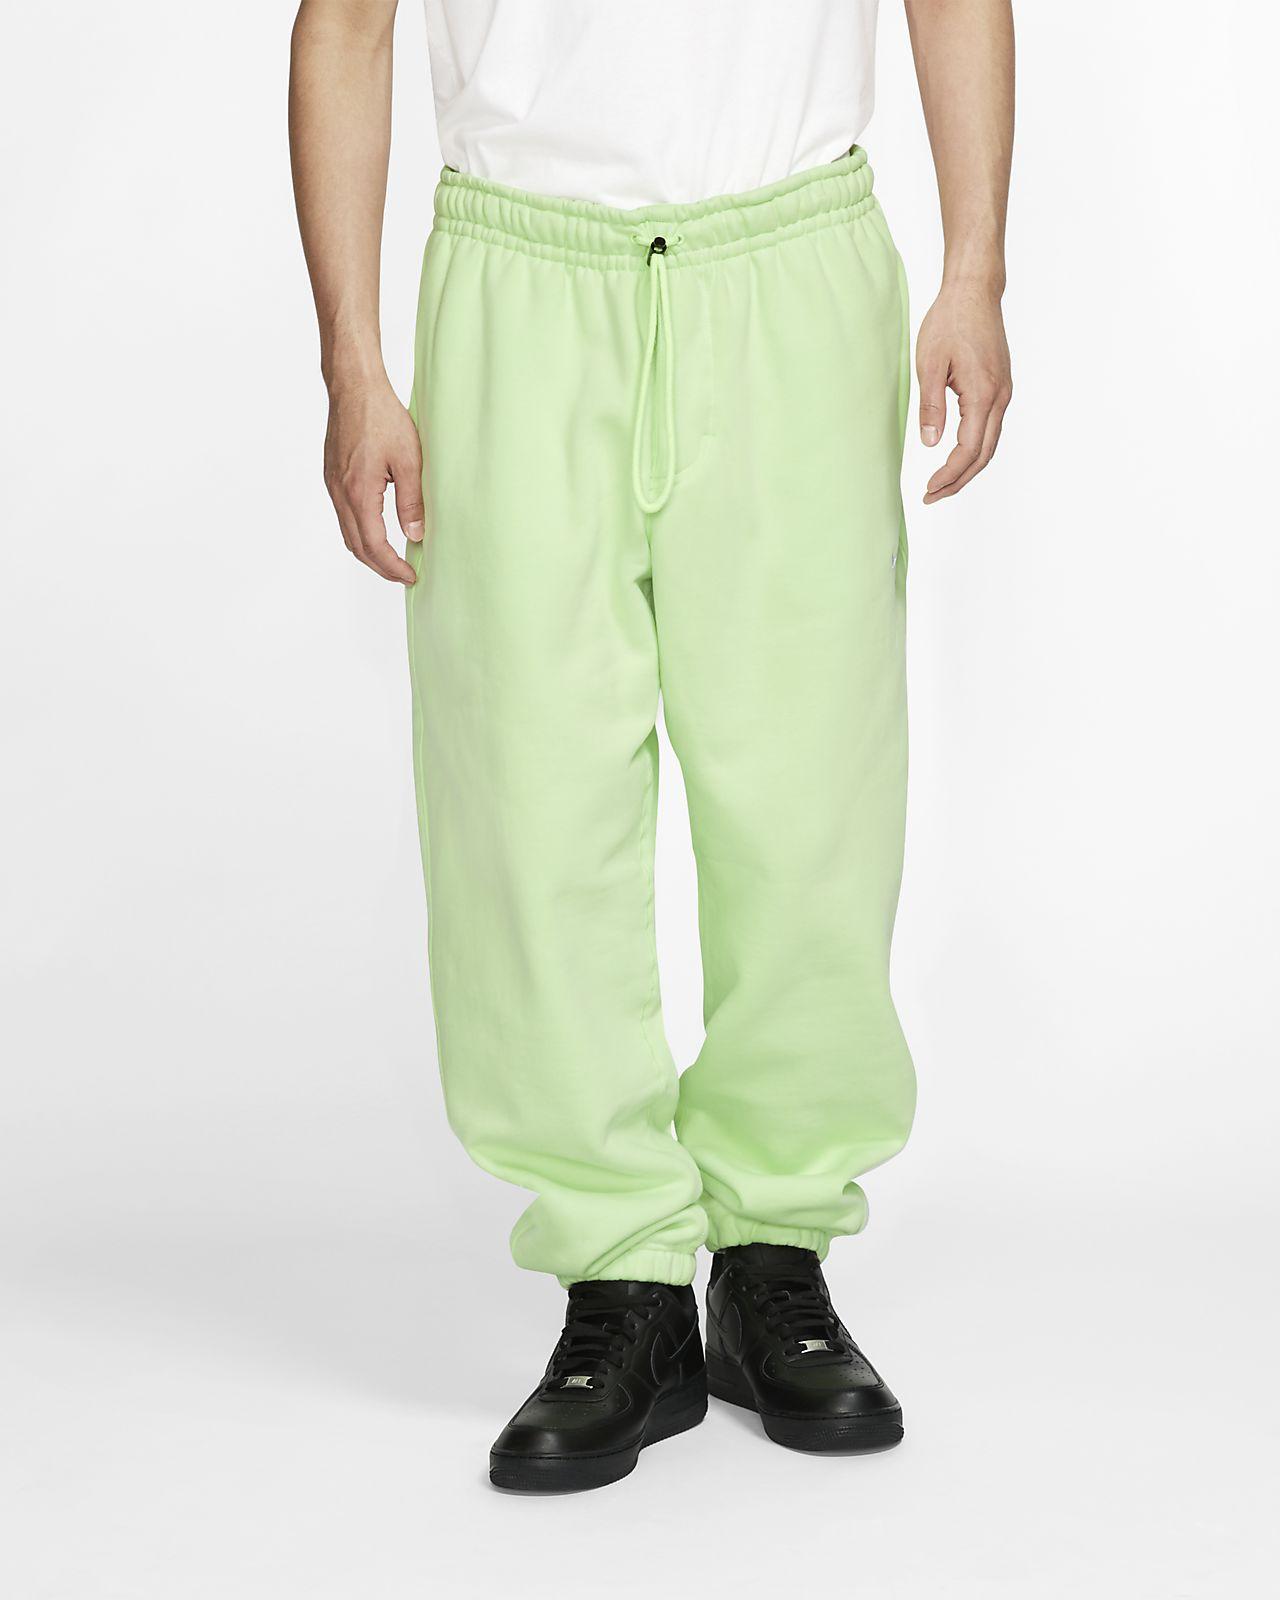 NikeLab Collection Men's Fleece Pants